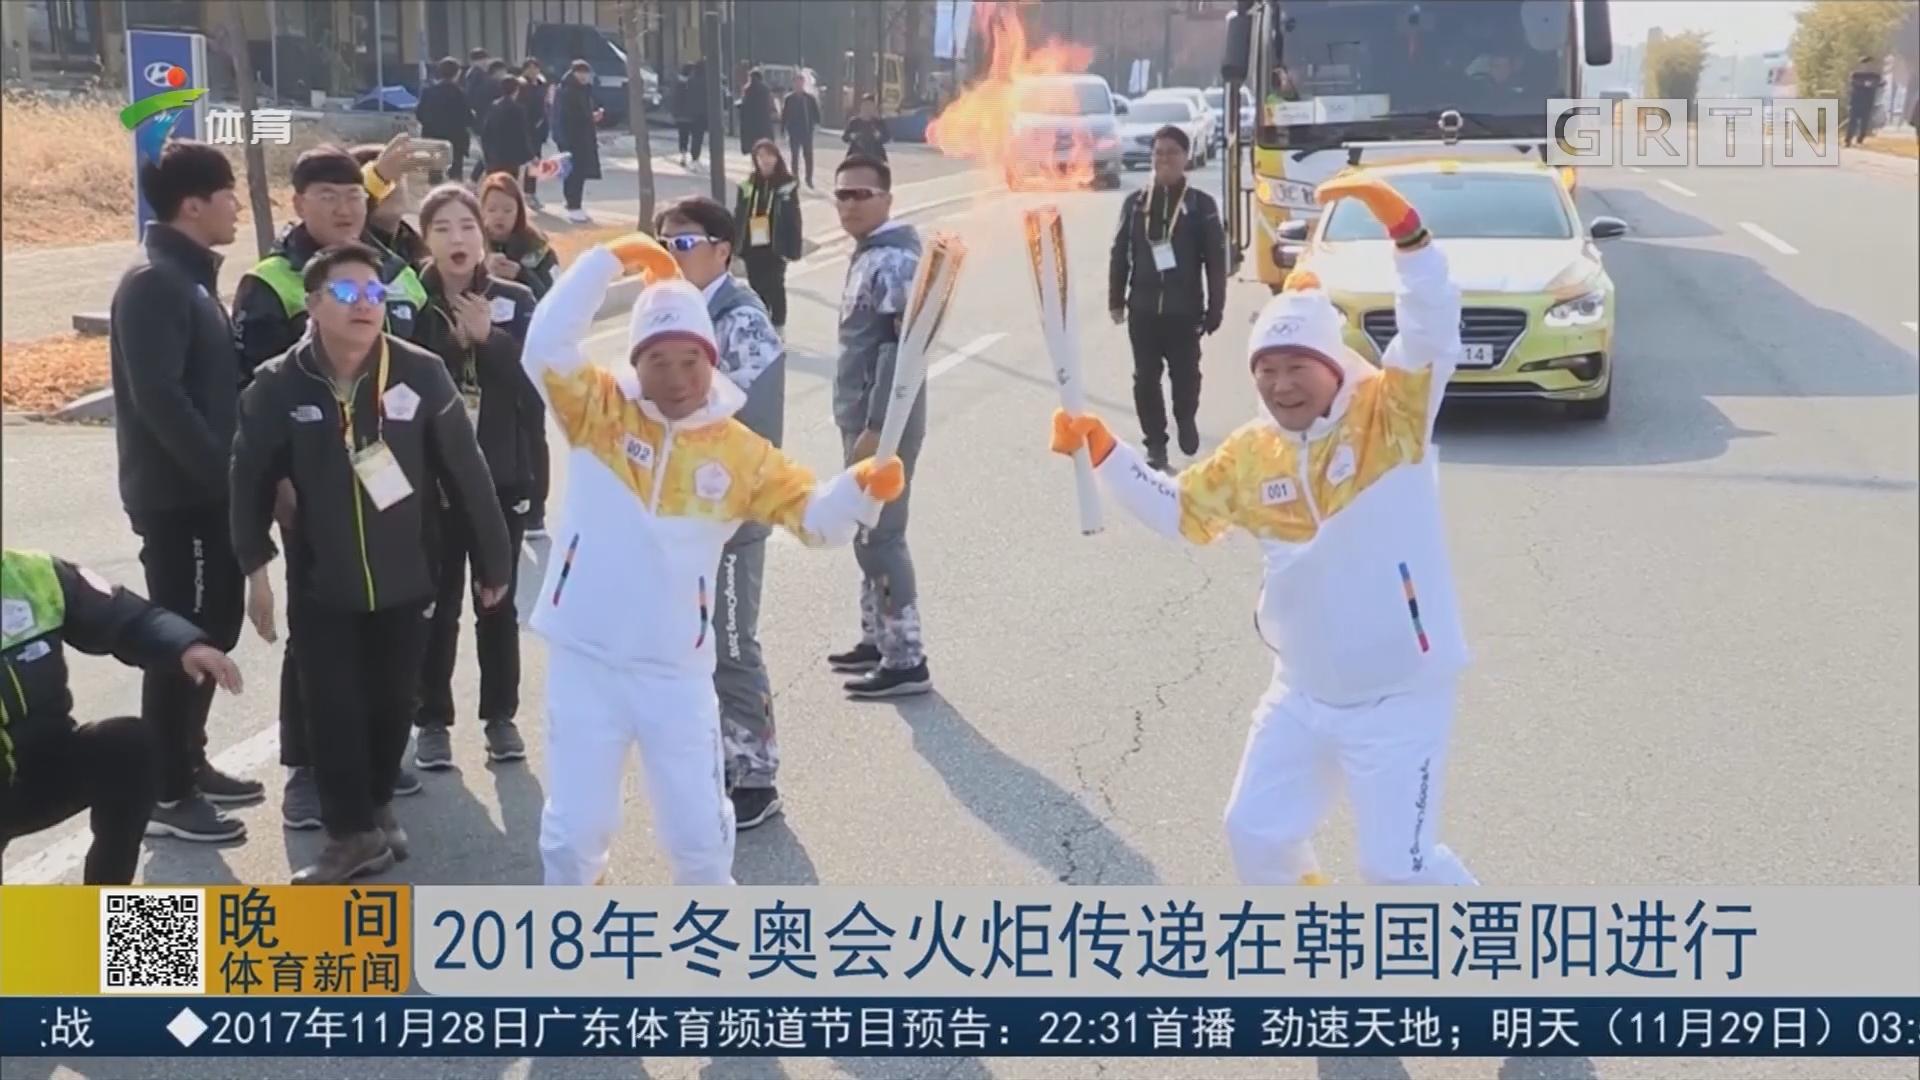 2018年冬奥会火炬传递在韩国潭阳进行